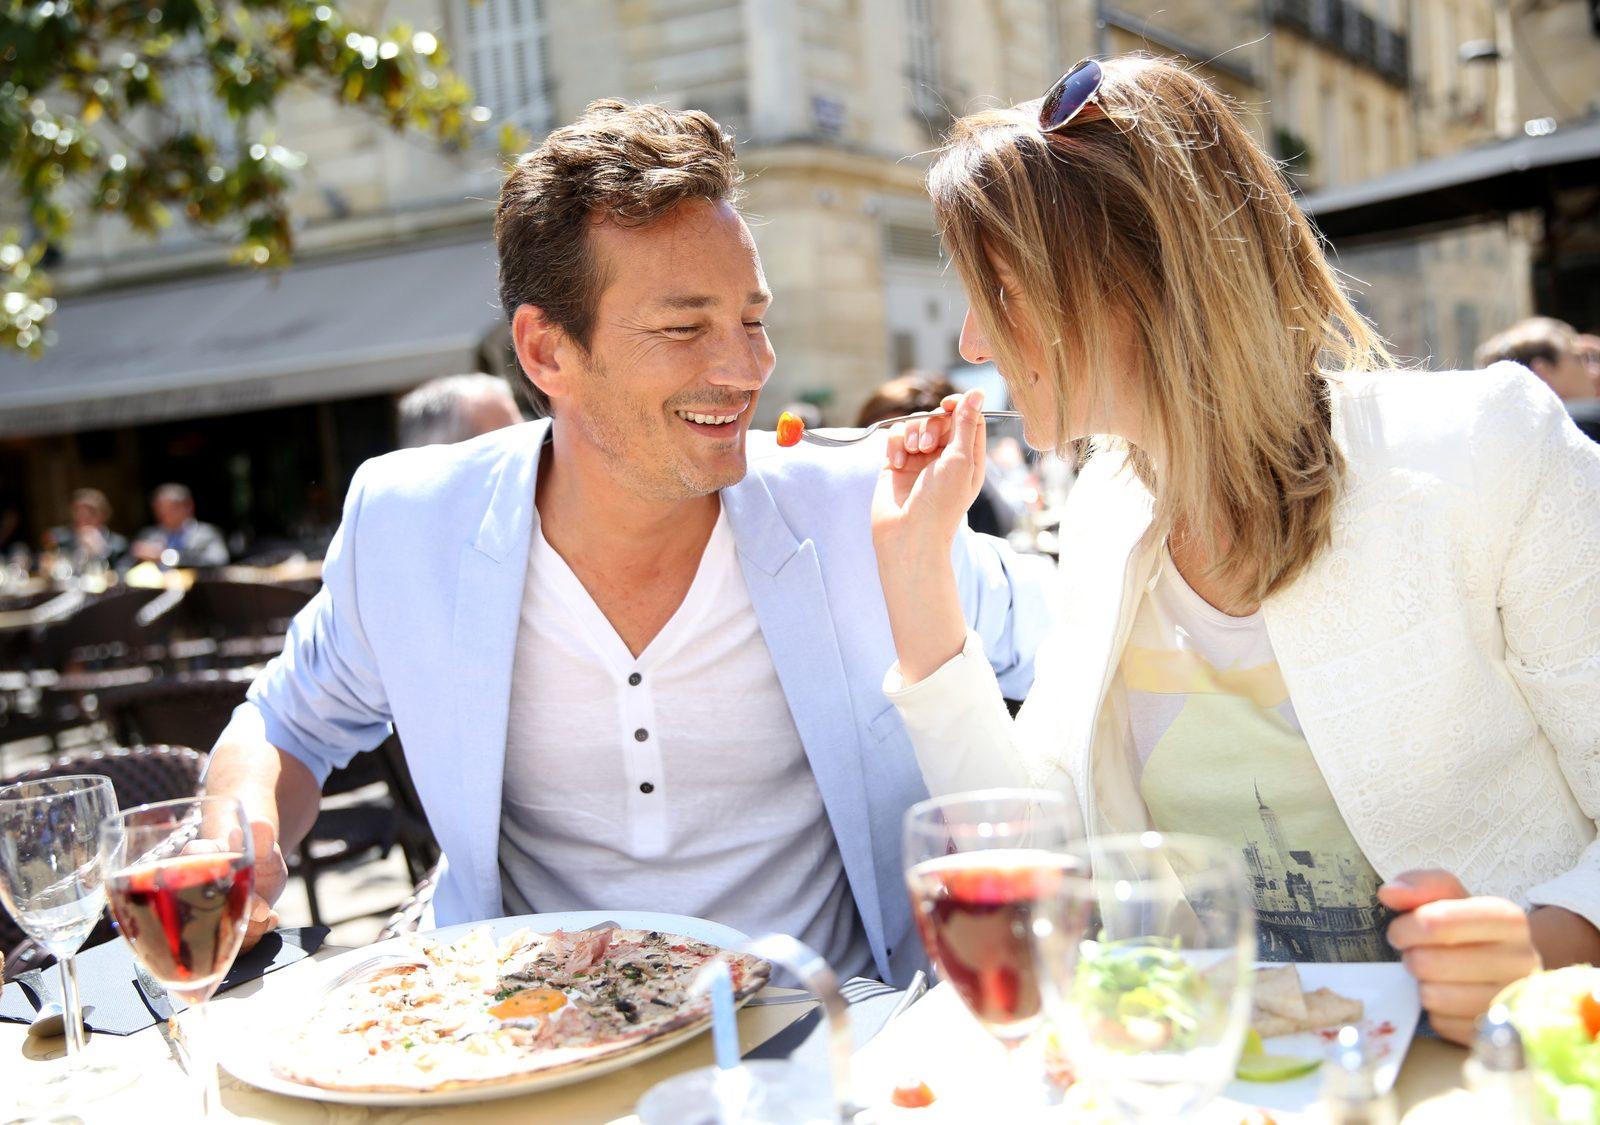 【男の本音】コレにやられた!お食事デートで40代独女の嬉しい気遣いって?